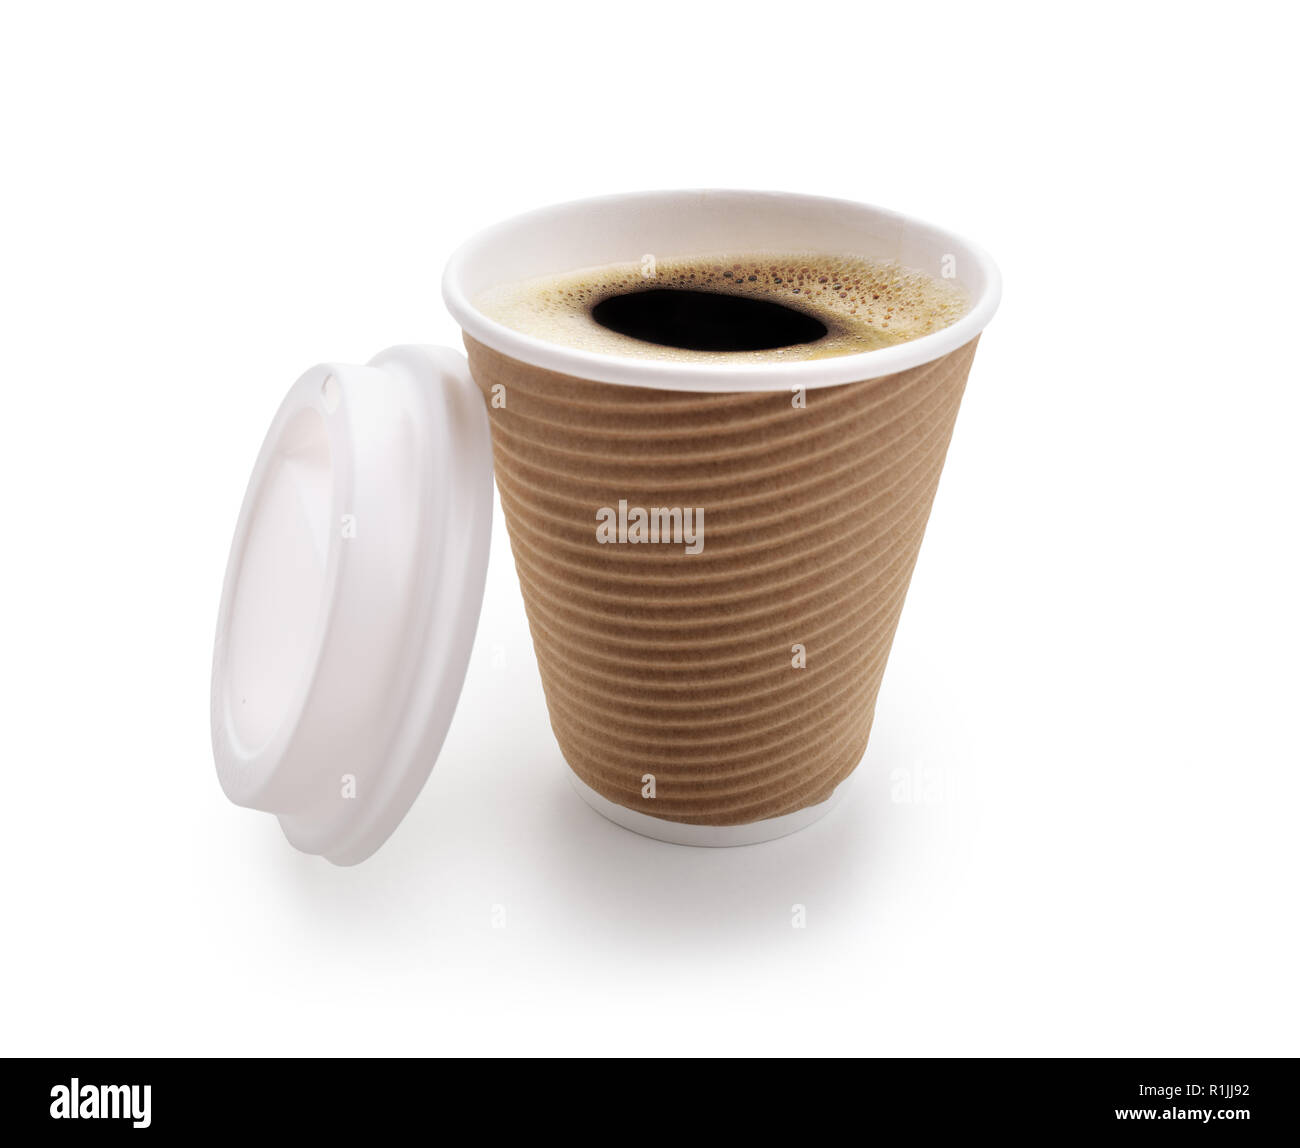 Saque la taza de café desechables aislado sobre fondo blanco. Foto de stock